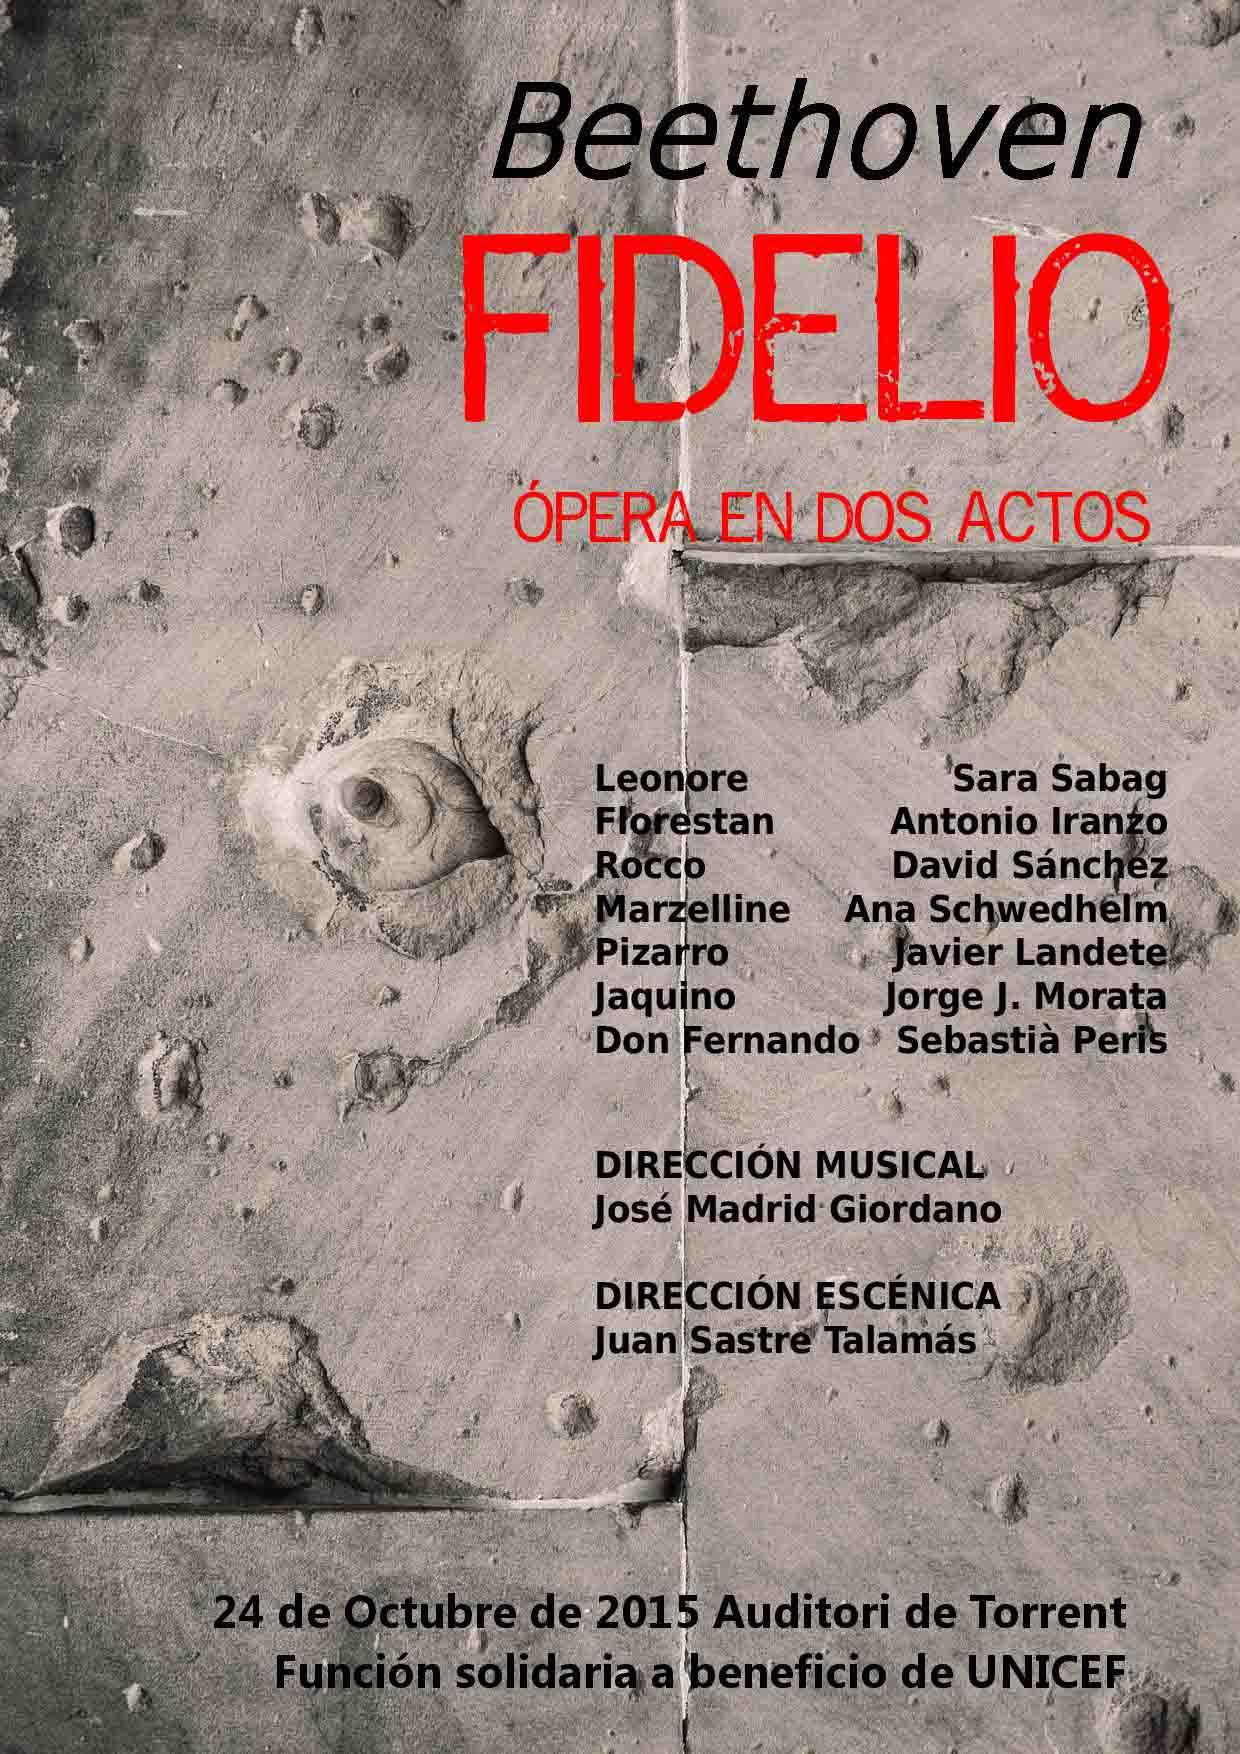 'Fidelio' de Bethoven, este sábado en l'Auditori de Torrent a beneficio de UNICEF